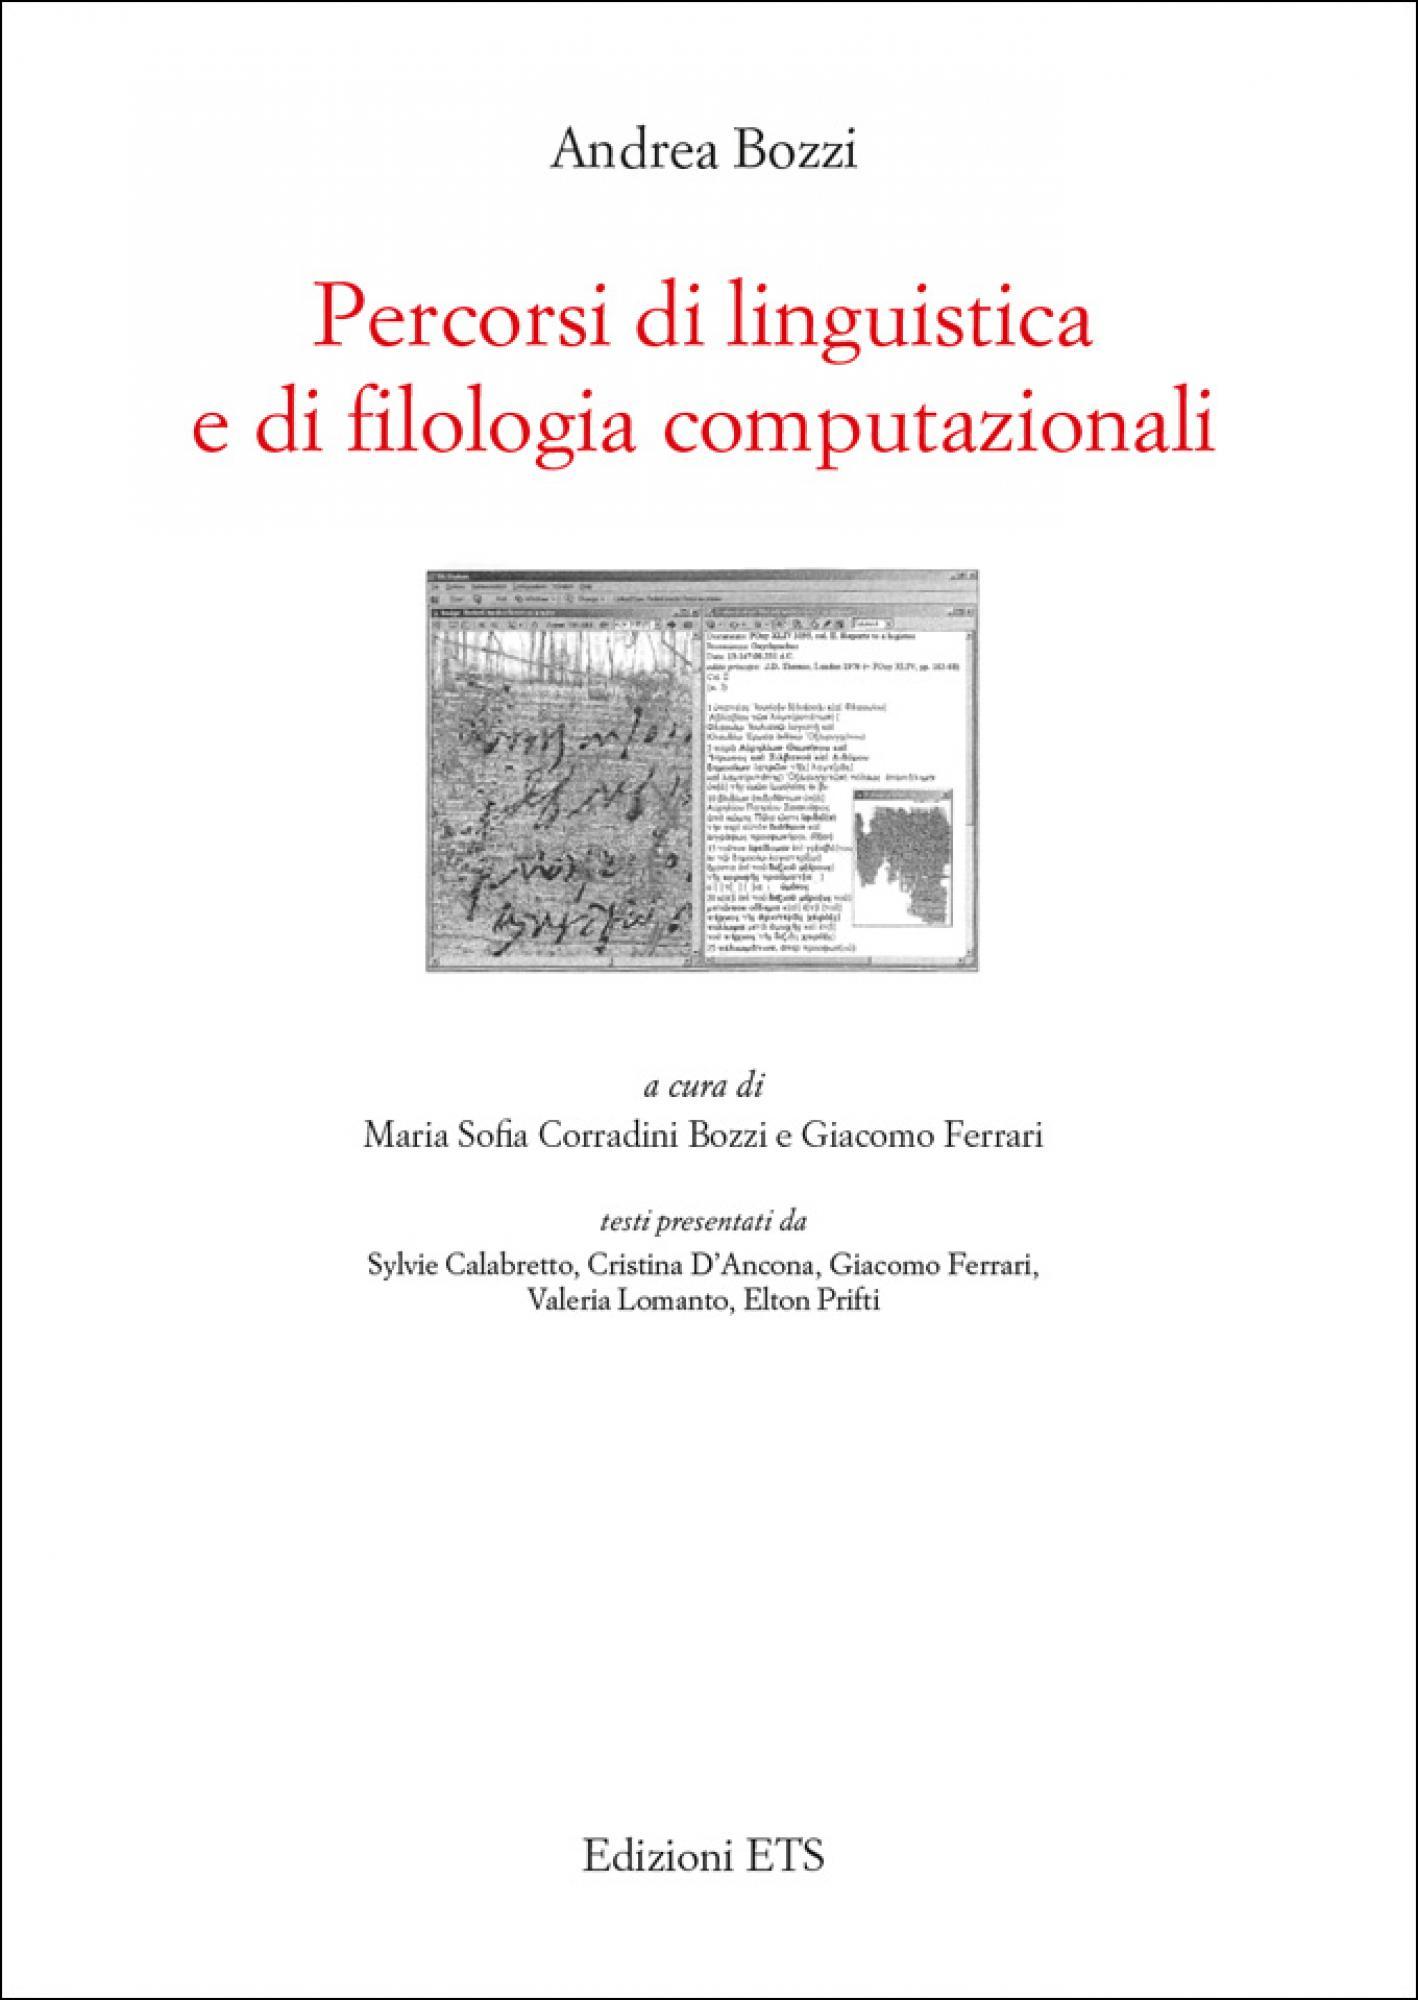 Percorsi di linguistica e di filologia computazionali